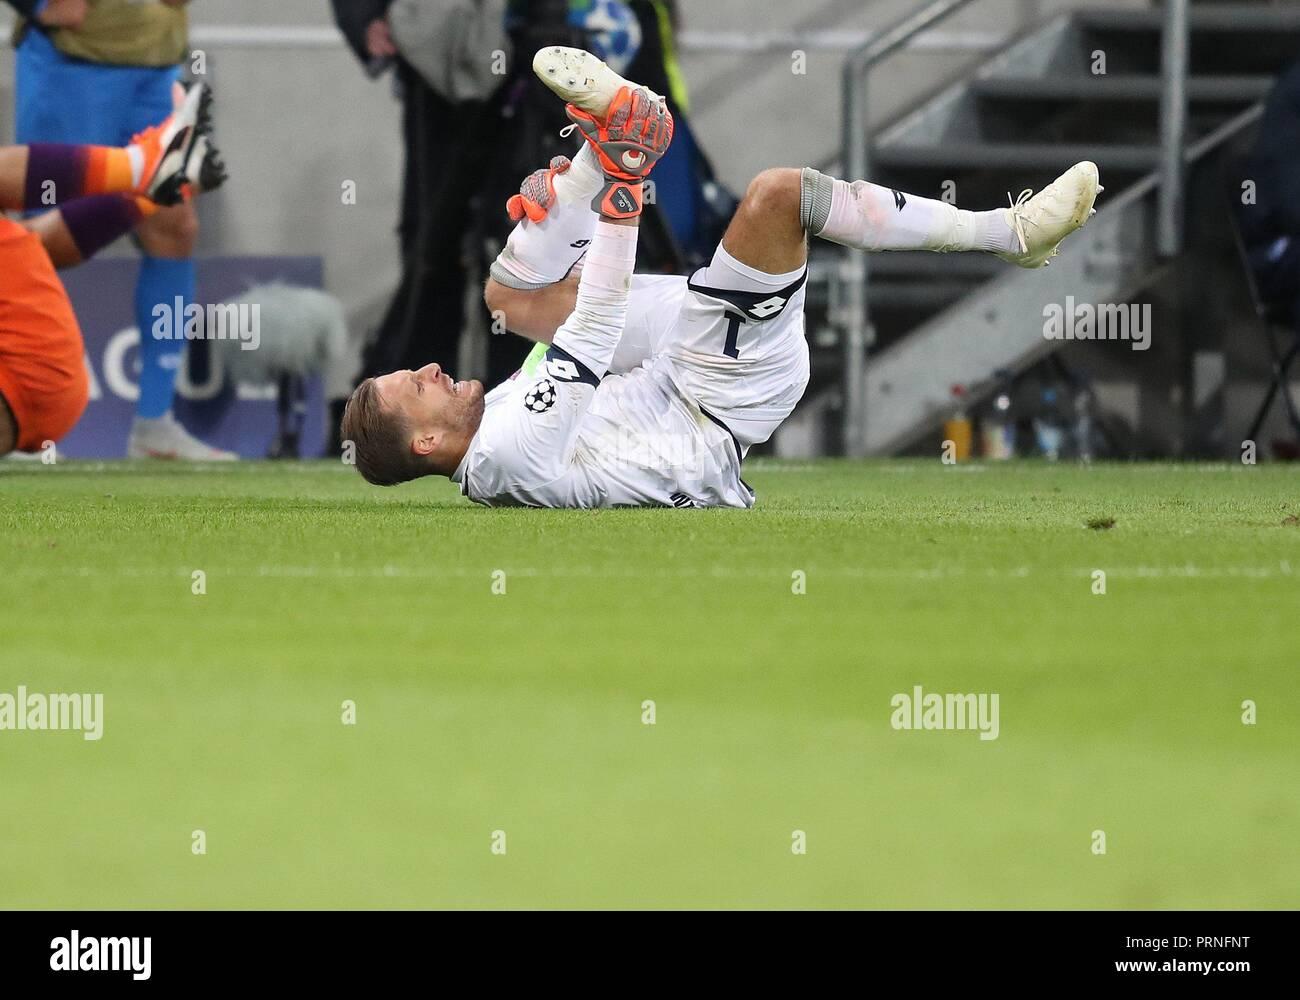 firo: 02.10.2018 Football, Football, Champions League: TSG Hoffenheim - Manchester City 1: 2 Am ground Oliver Baumann   usage worldwide - Stock Image